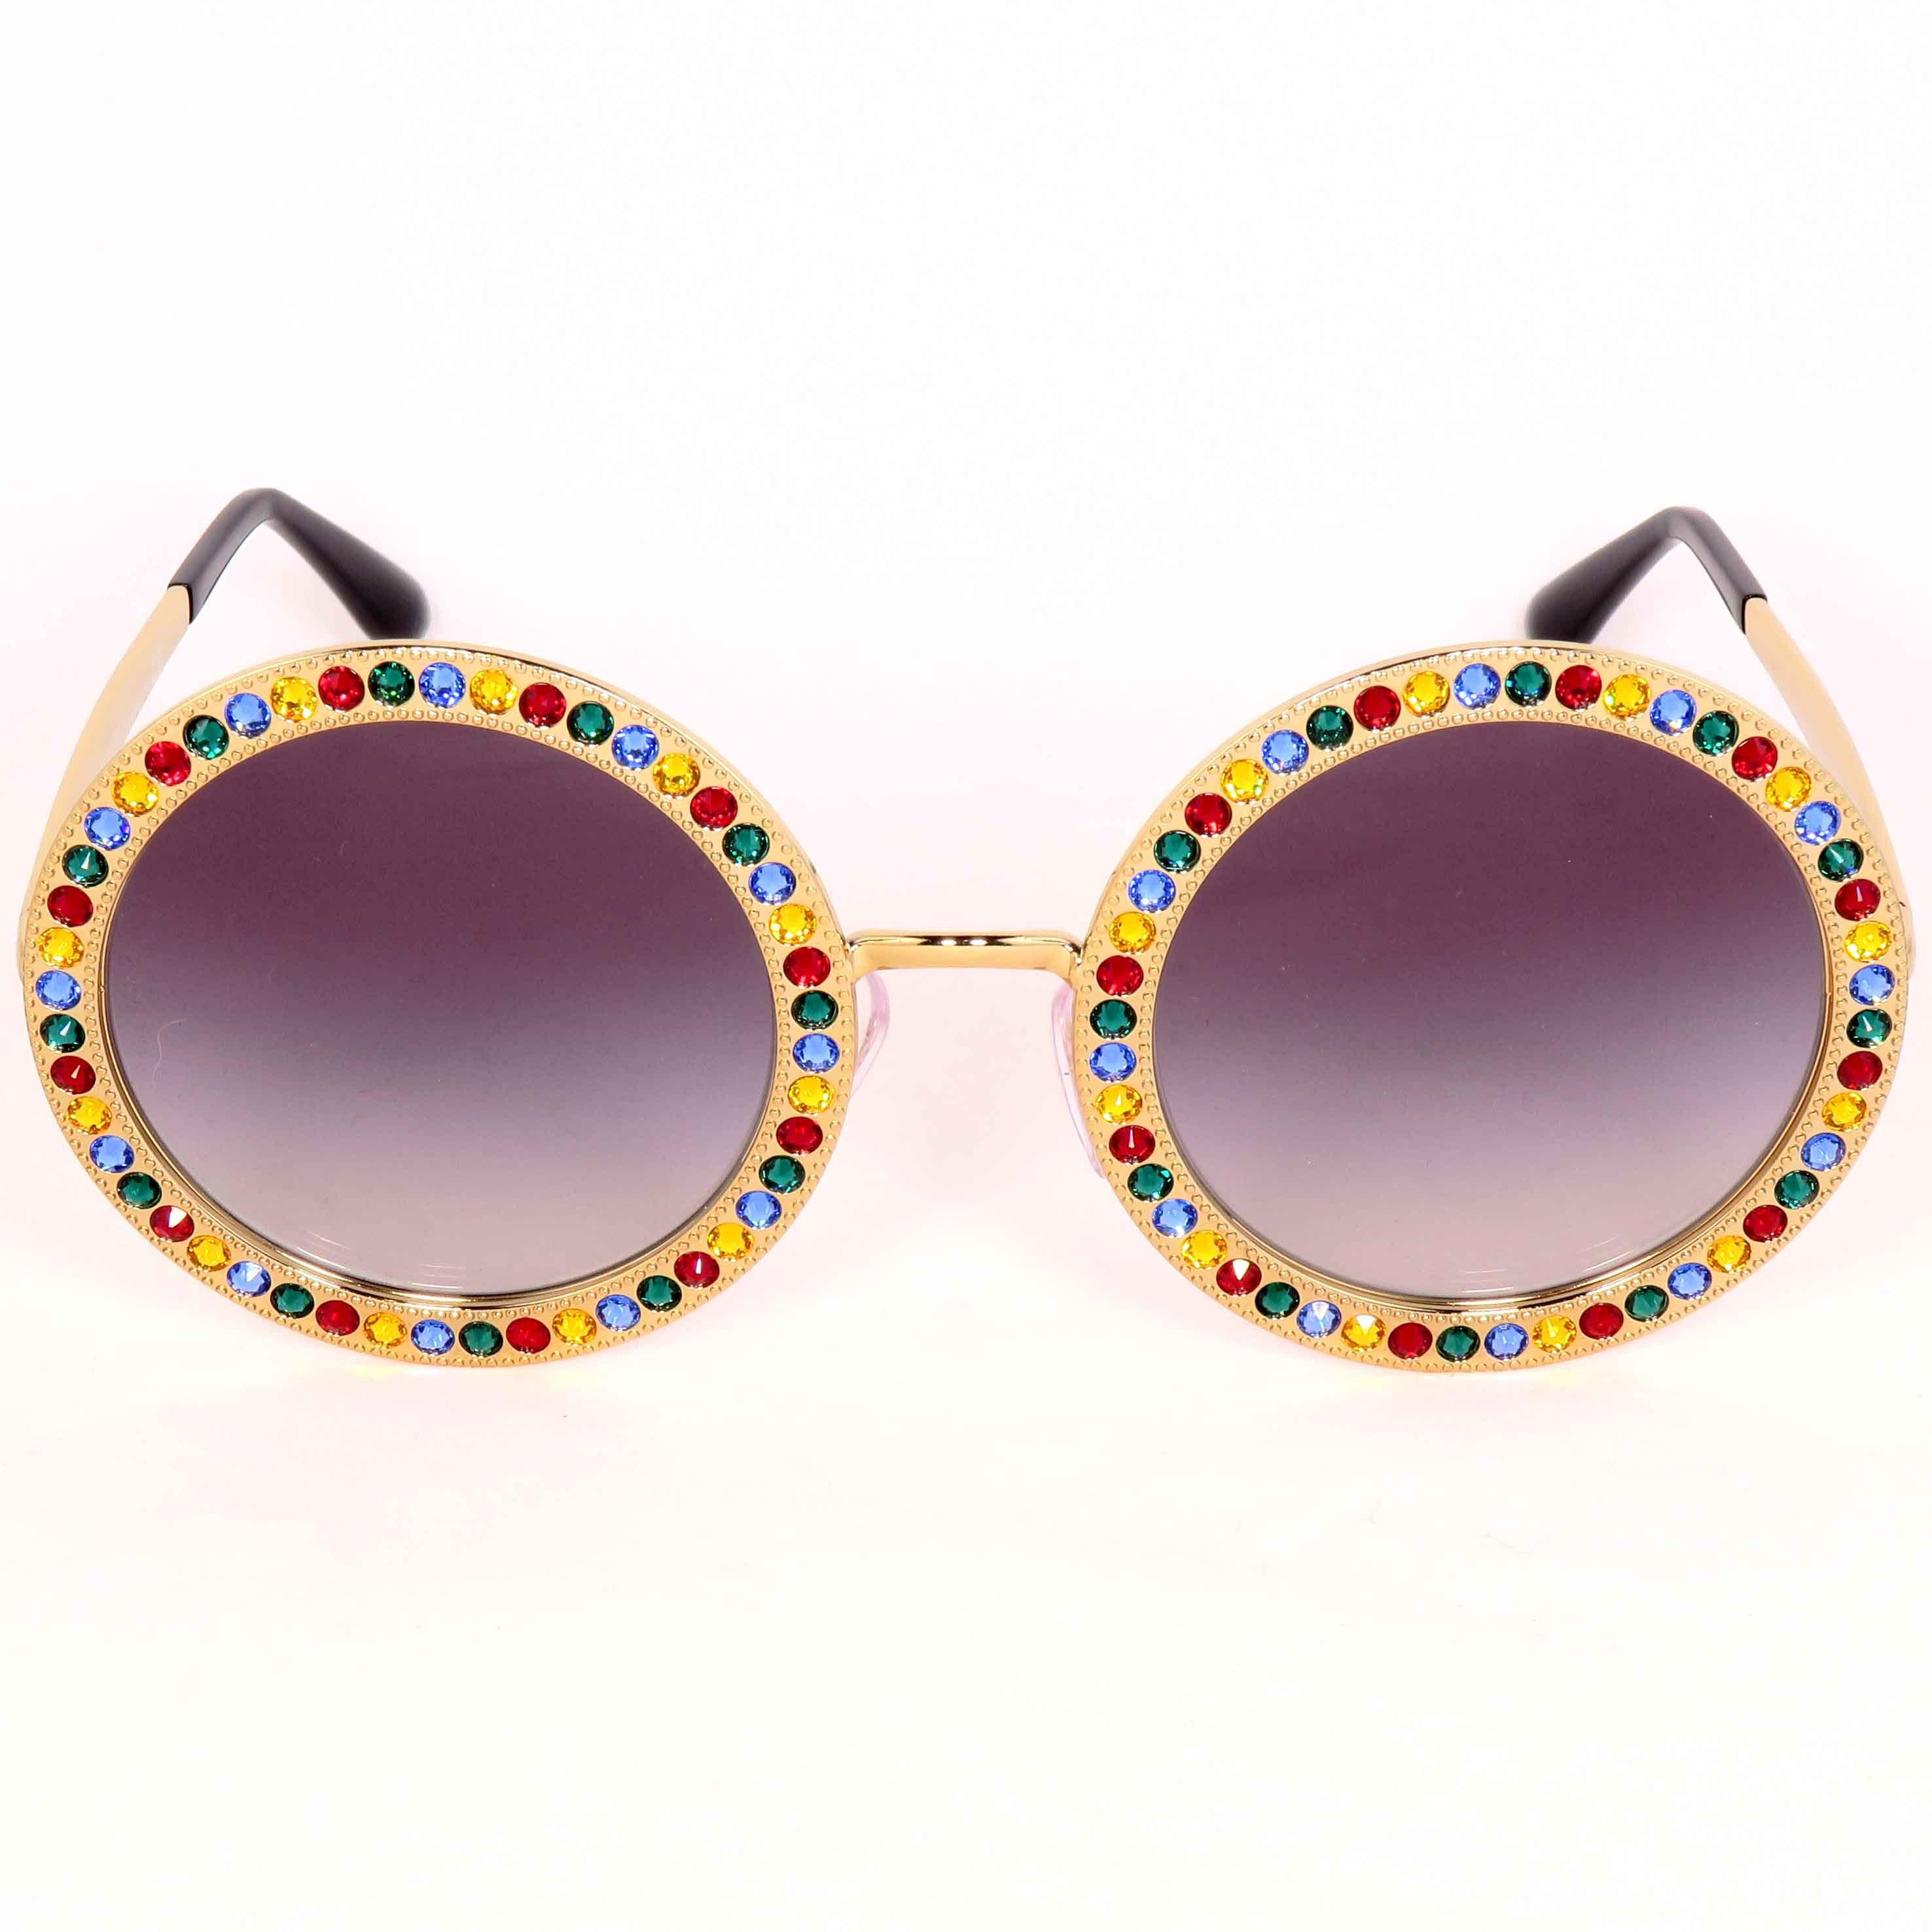 72e17c2c6 Dolce & Gabbana 2170 02/8G - Óculos de Sol - .Óticas Minho Shop Óticas  Minho Shop